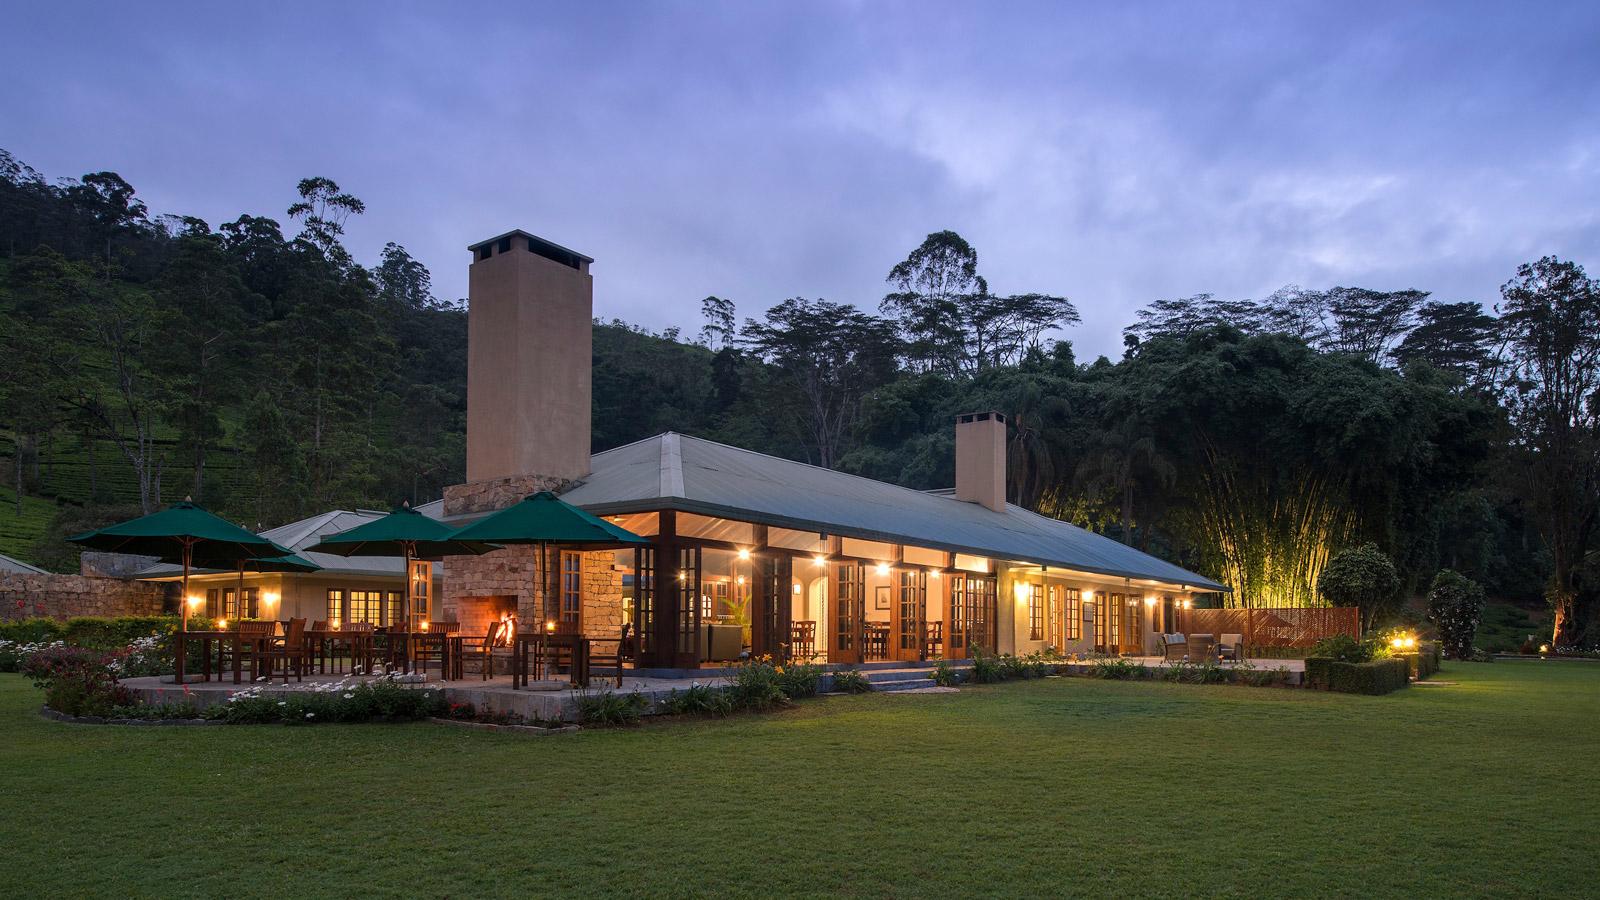 konyhasziget_ut_a_teahoz_norwood-bungalow-at-dusk.jpg